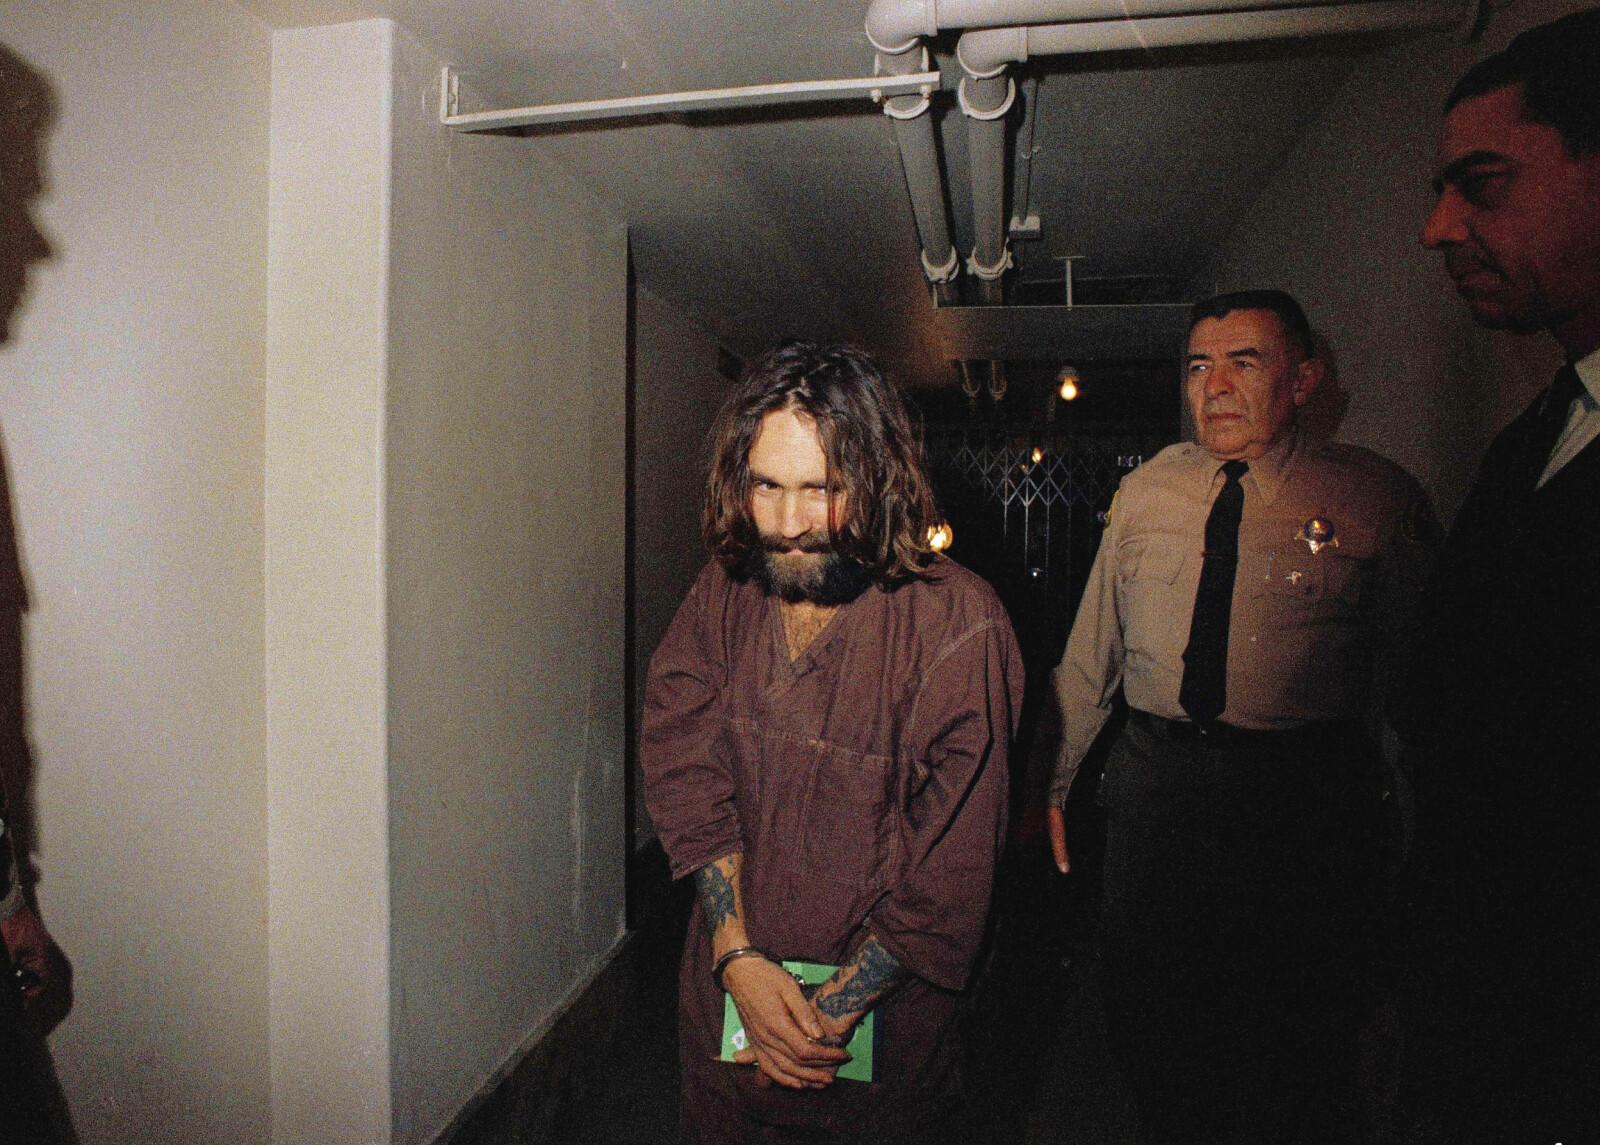 <b>MANIPULATOREN:</b> Charles Manson hadde hypnotisk makt over de andre i det halvreligiøse hippiesamfunnet han skapte <br/>ute i ørkenen i California. De drepte vilt fremmede personer utenå stille spørsmål.